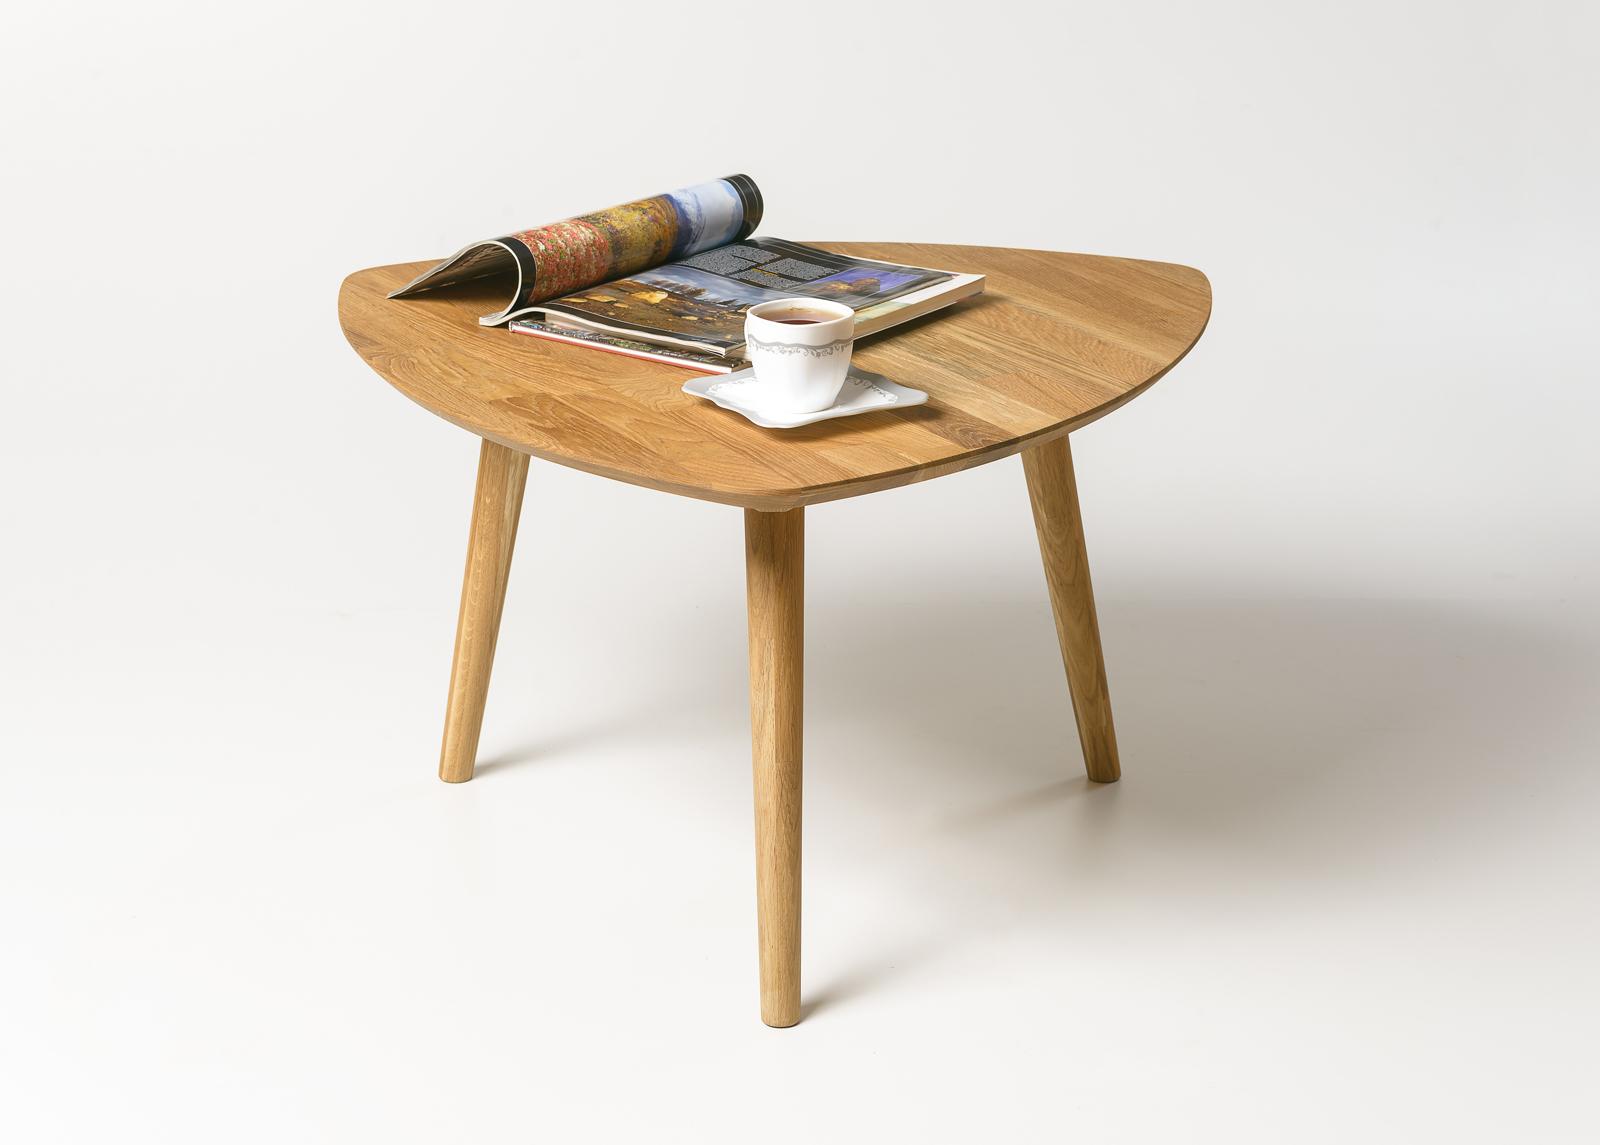 Tammi sohvapöytä Scan 74x70 cm